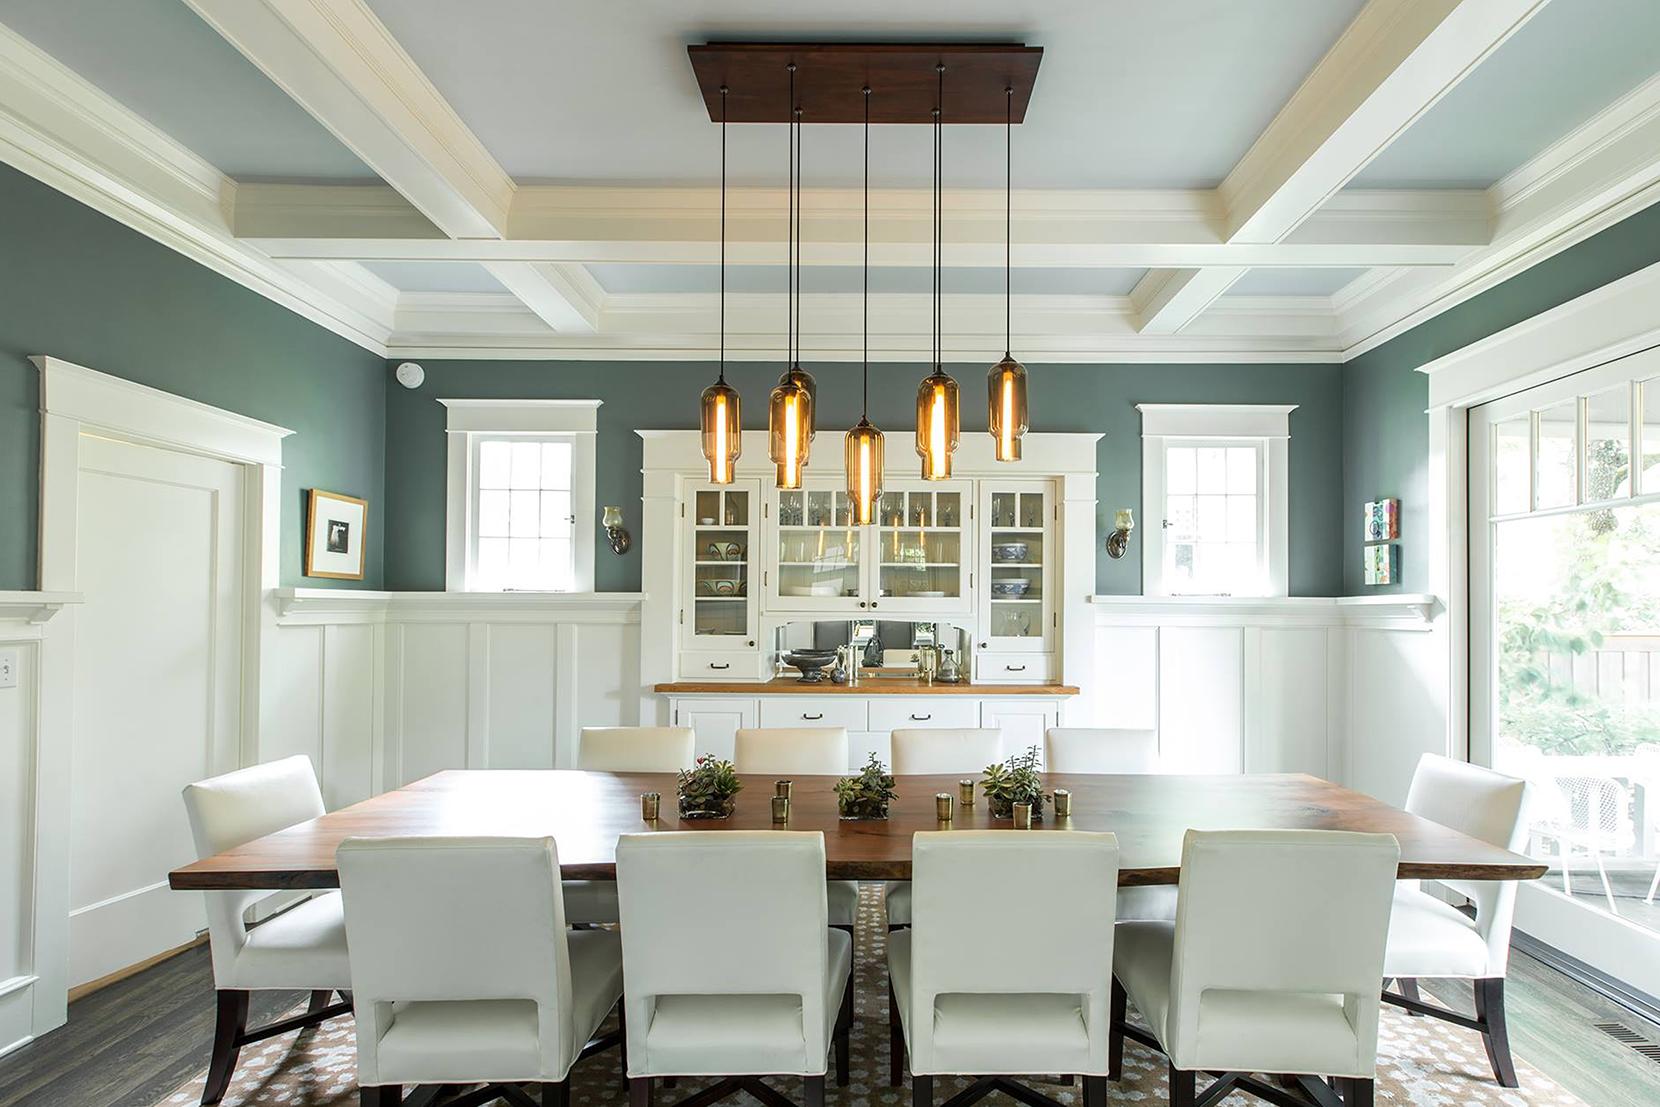 dining room chandelier lighting. Plain Lighting Read More Inside Dining Room Chandelier Lighting